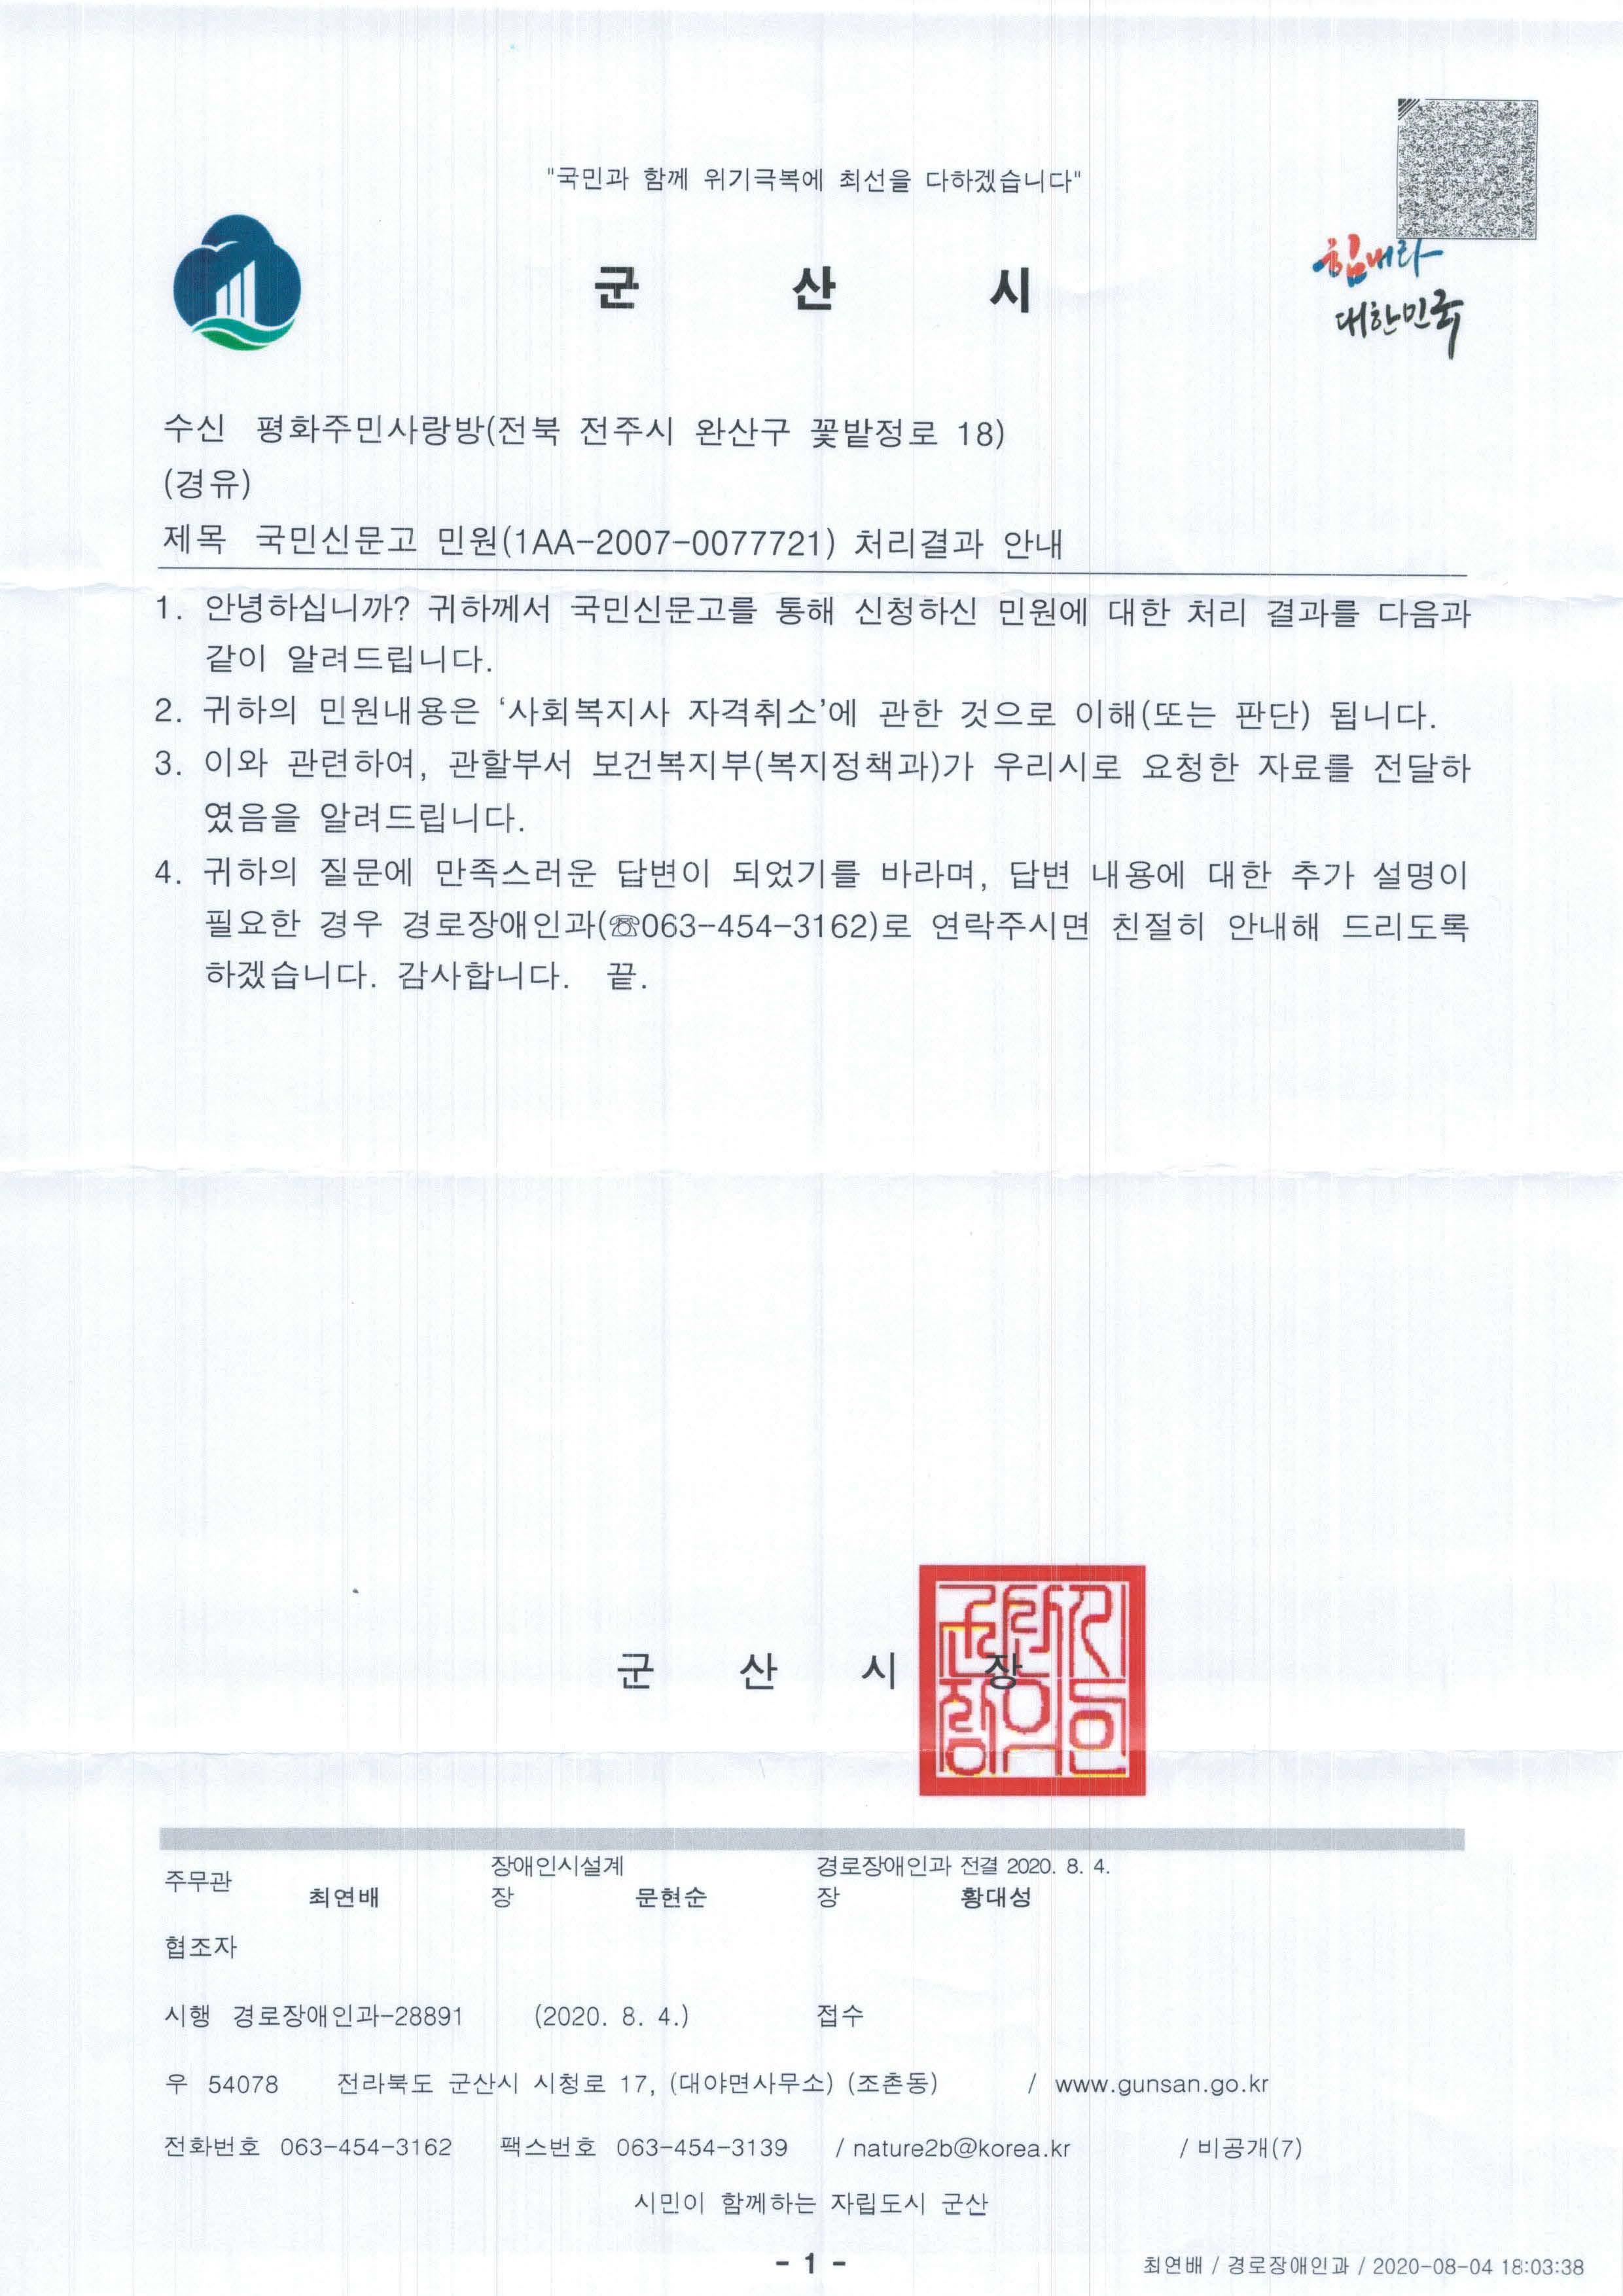 군산시 경로장애인과-28891(2020.8.4)호_국민신문고 답변(사회복지사 자격취소).jpg